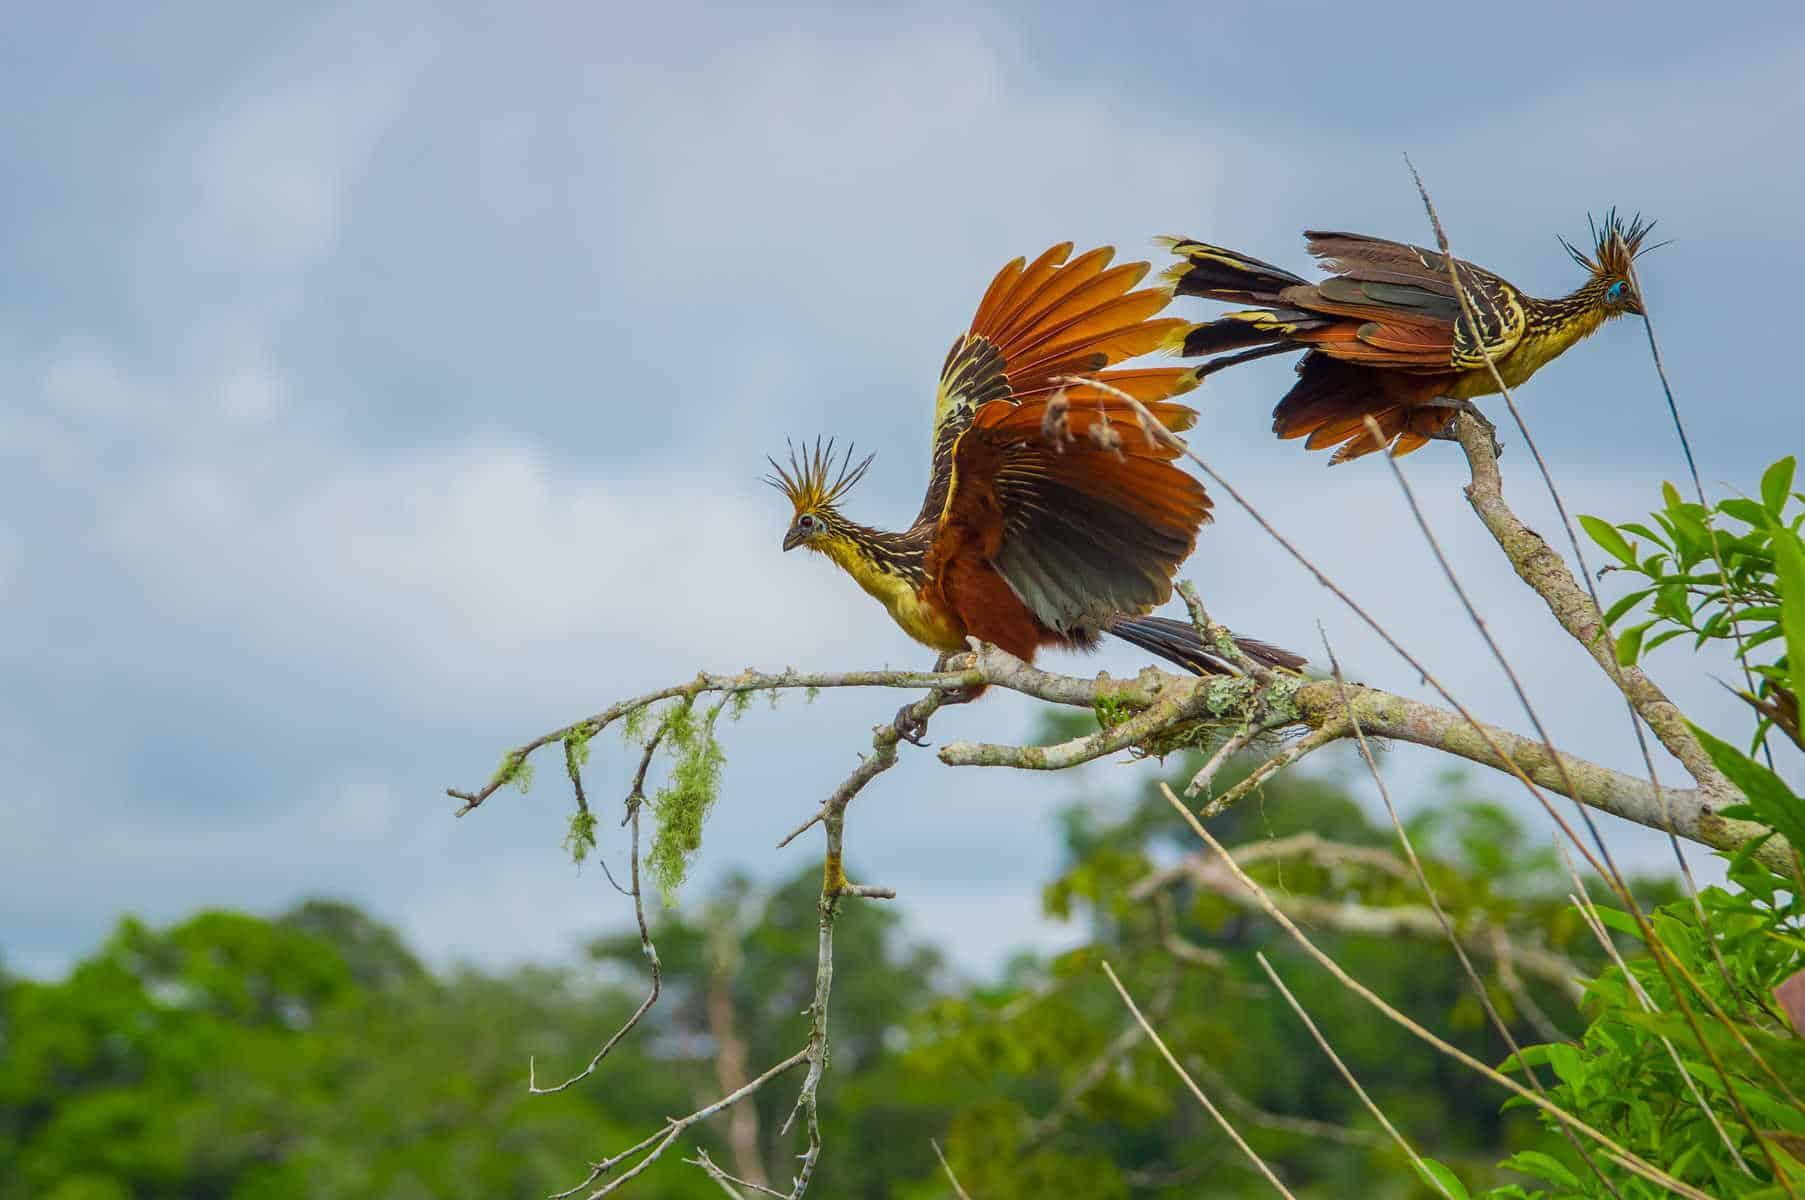 Amazon sjælden fugl